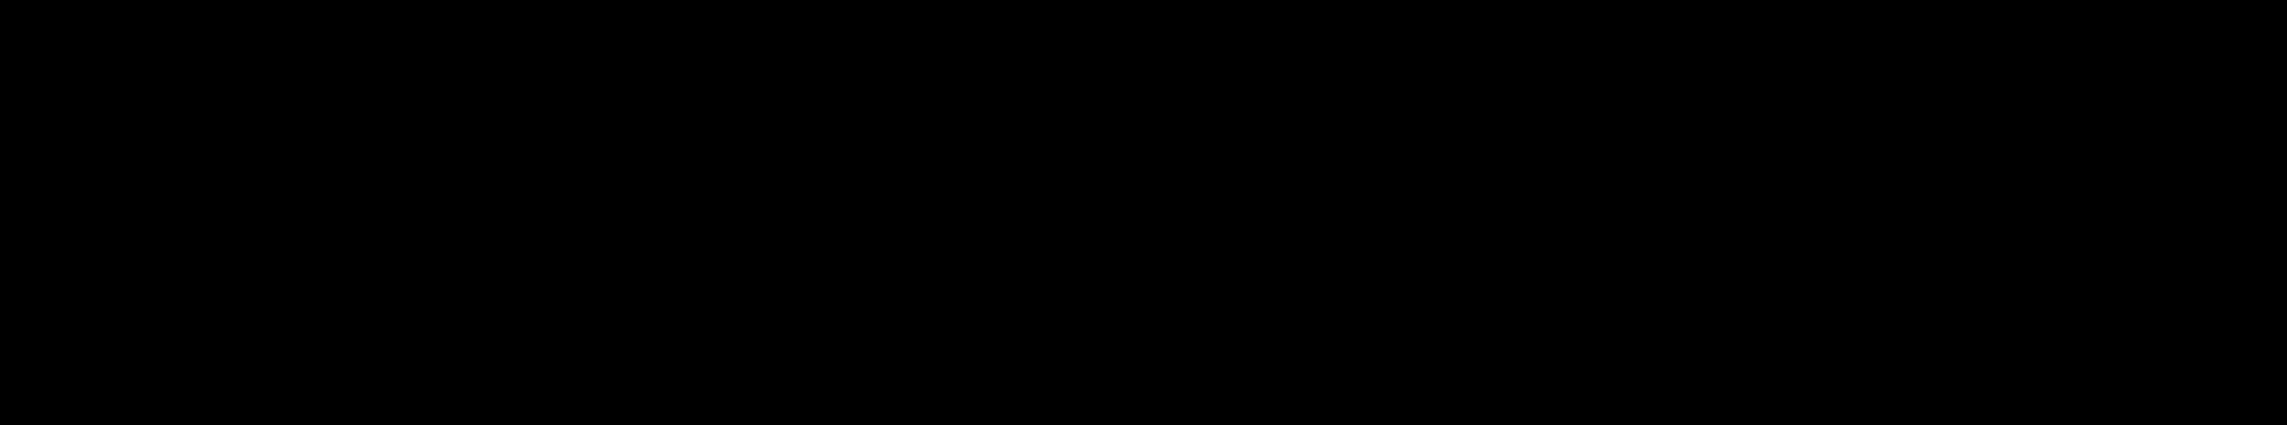 Robust Intelligence logo